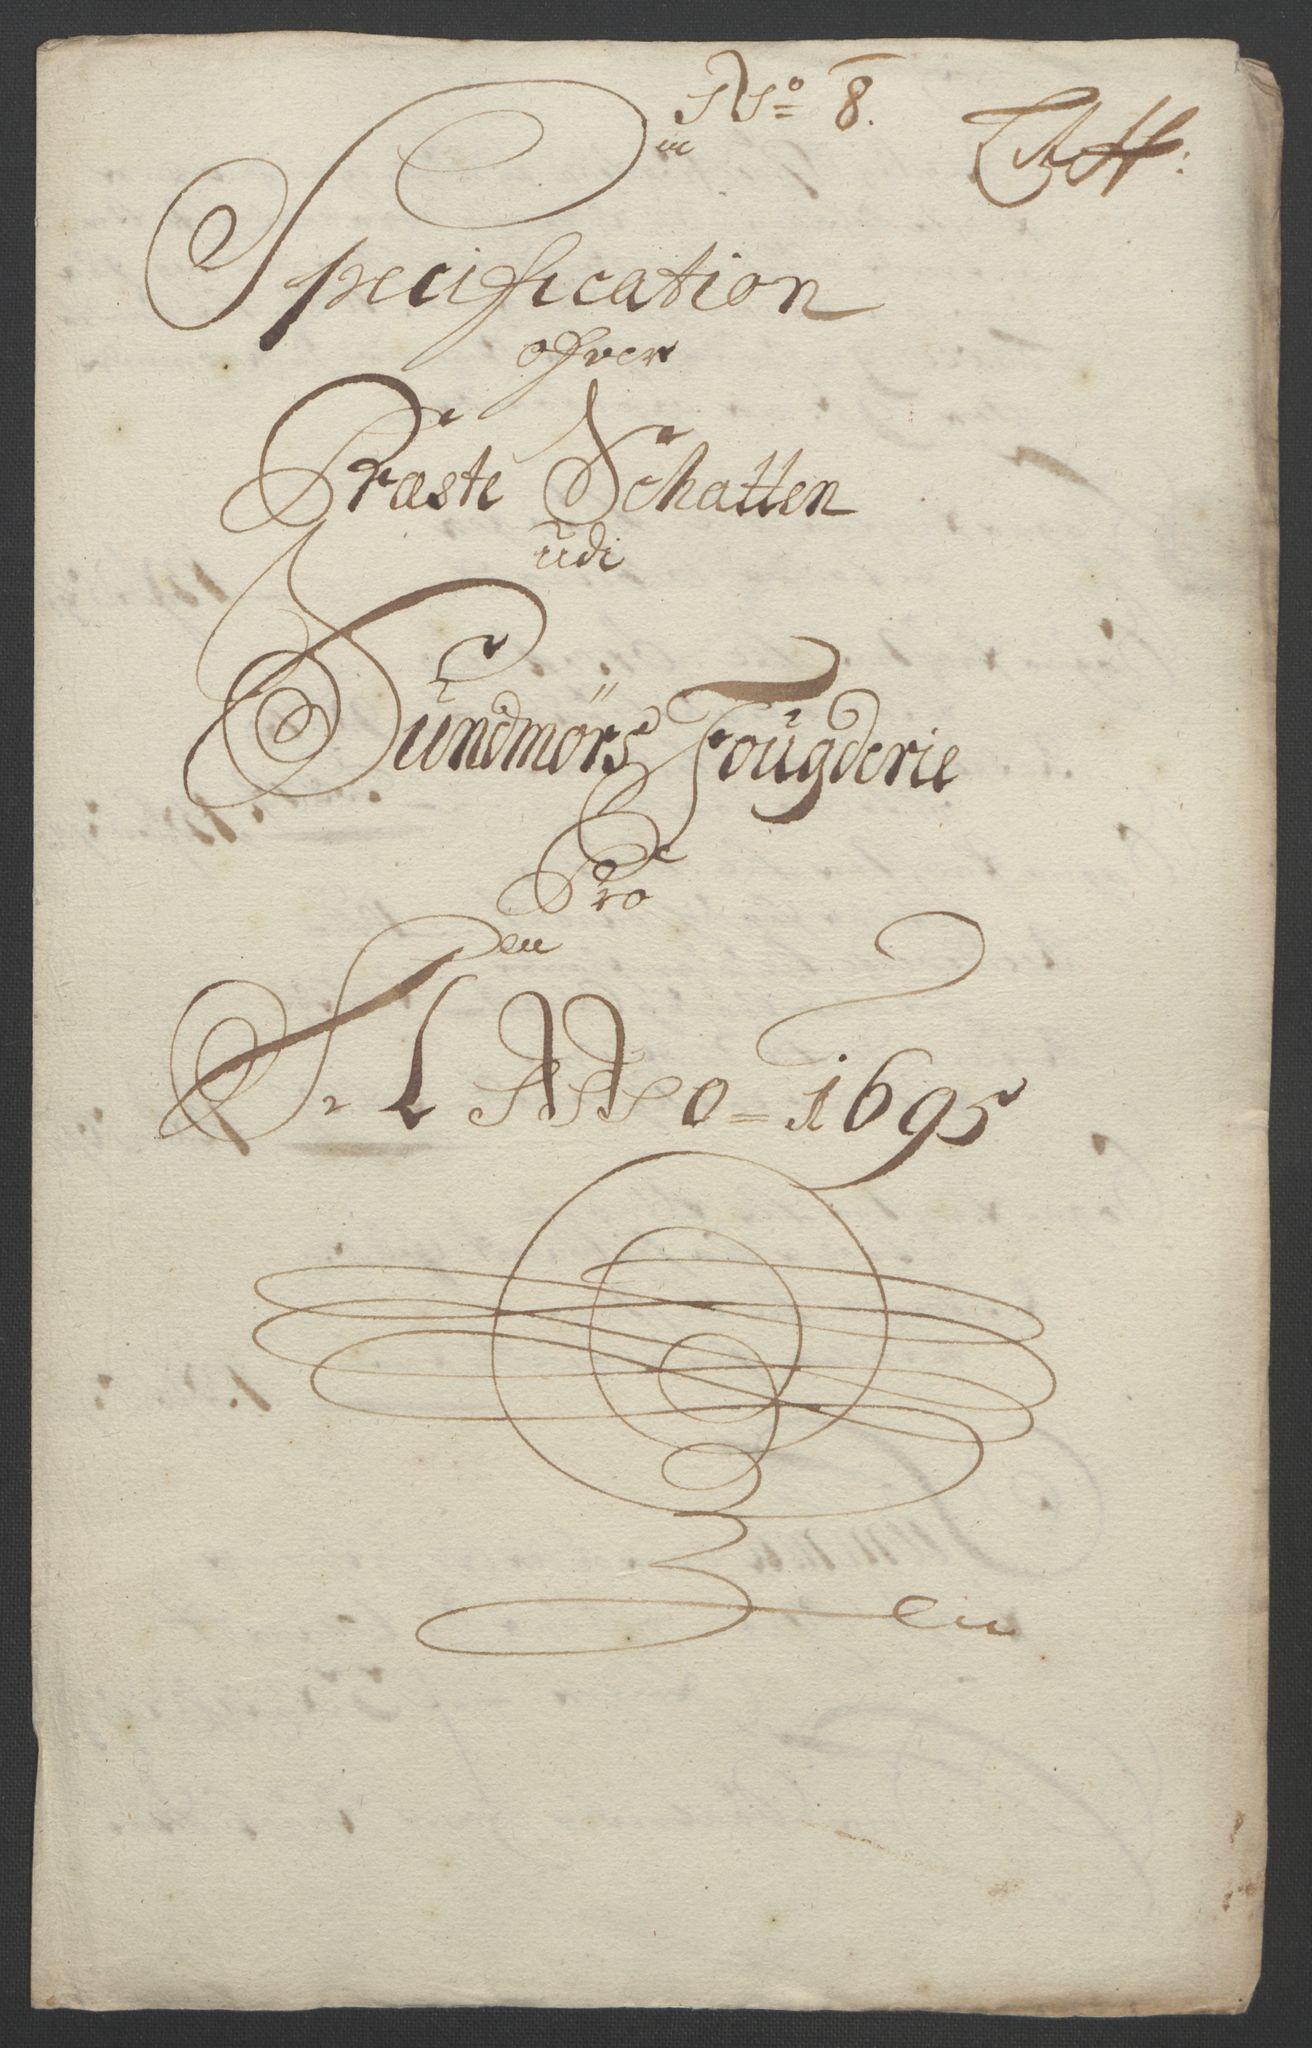 RA, Rentekammeret inntil 1814, Reviderte regnskaper, Fogderegnskap, R54/L3555: Fogderegnskap Sunnmøre, 1694-1695, s. 305